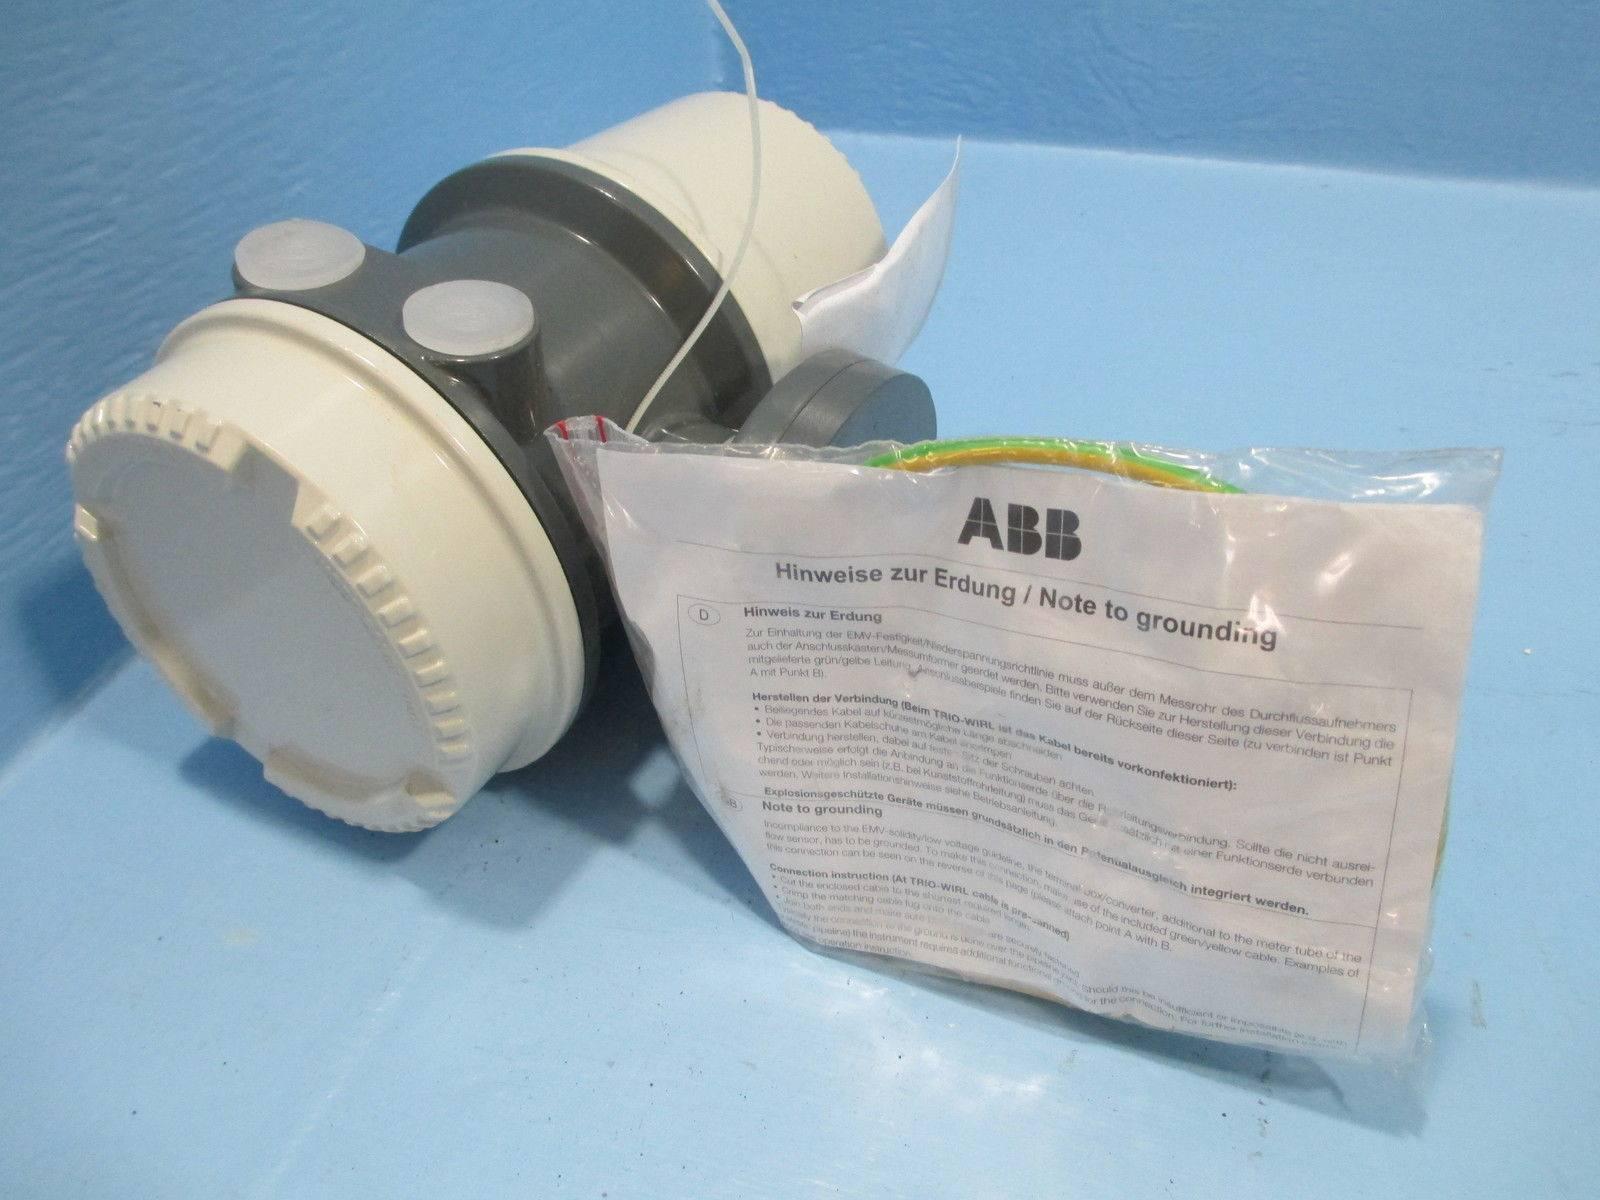 ABB NEW COPA-XE Flowmeter PFA 240171502/X001 210000293273 DN 15 DE23 ...